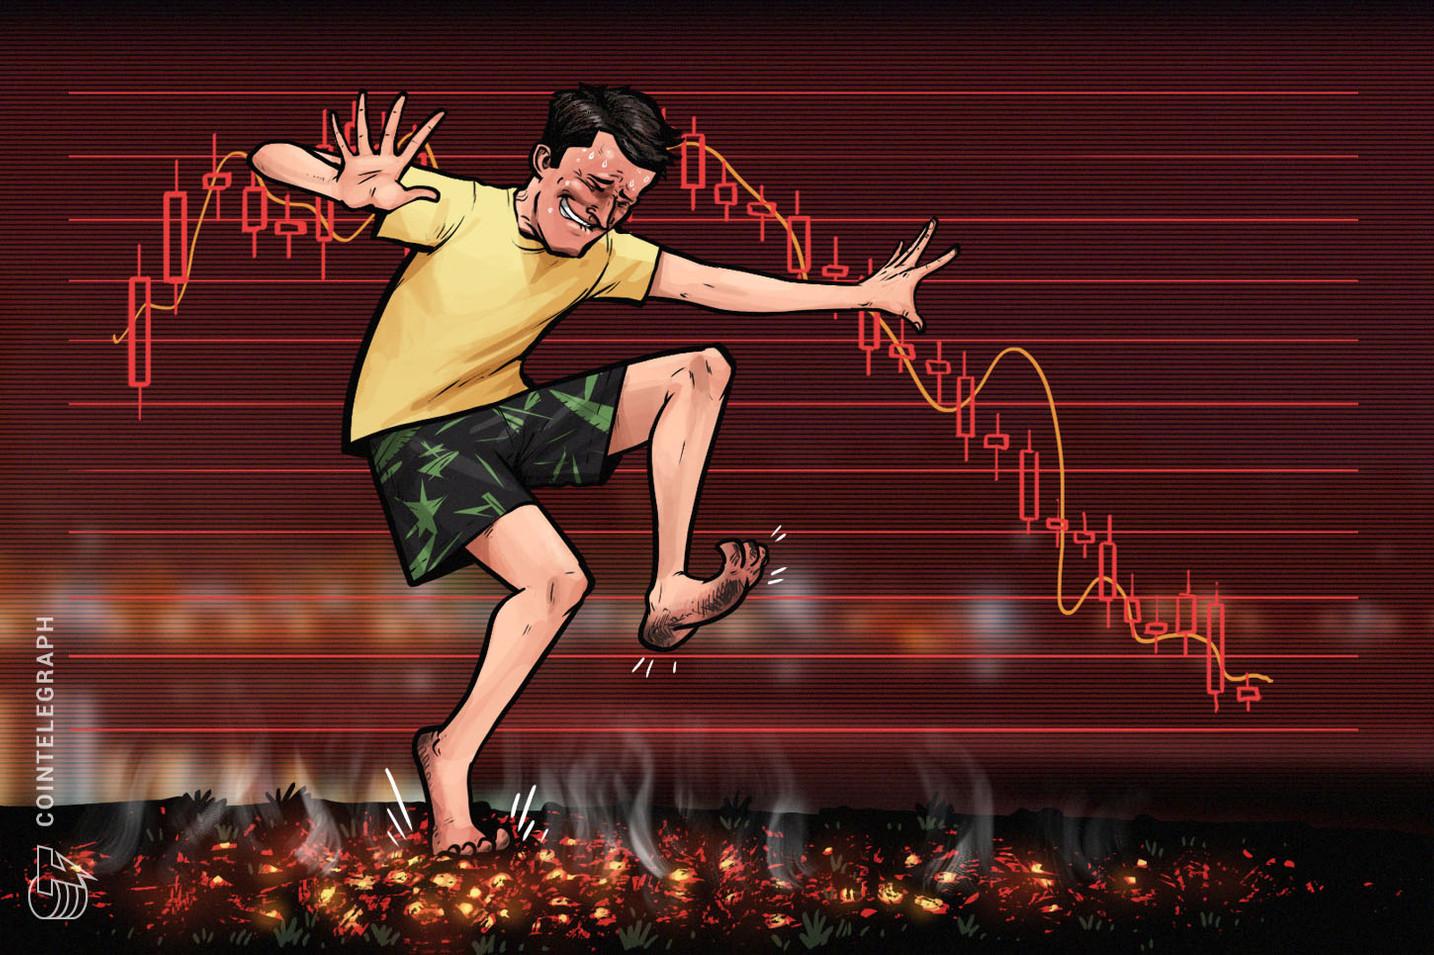 أسعار العملات الرقمية تنخفض بشكلٍ حاد، مع خسائر كبيرة على جميع الأصعدة